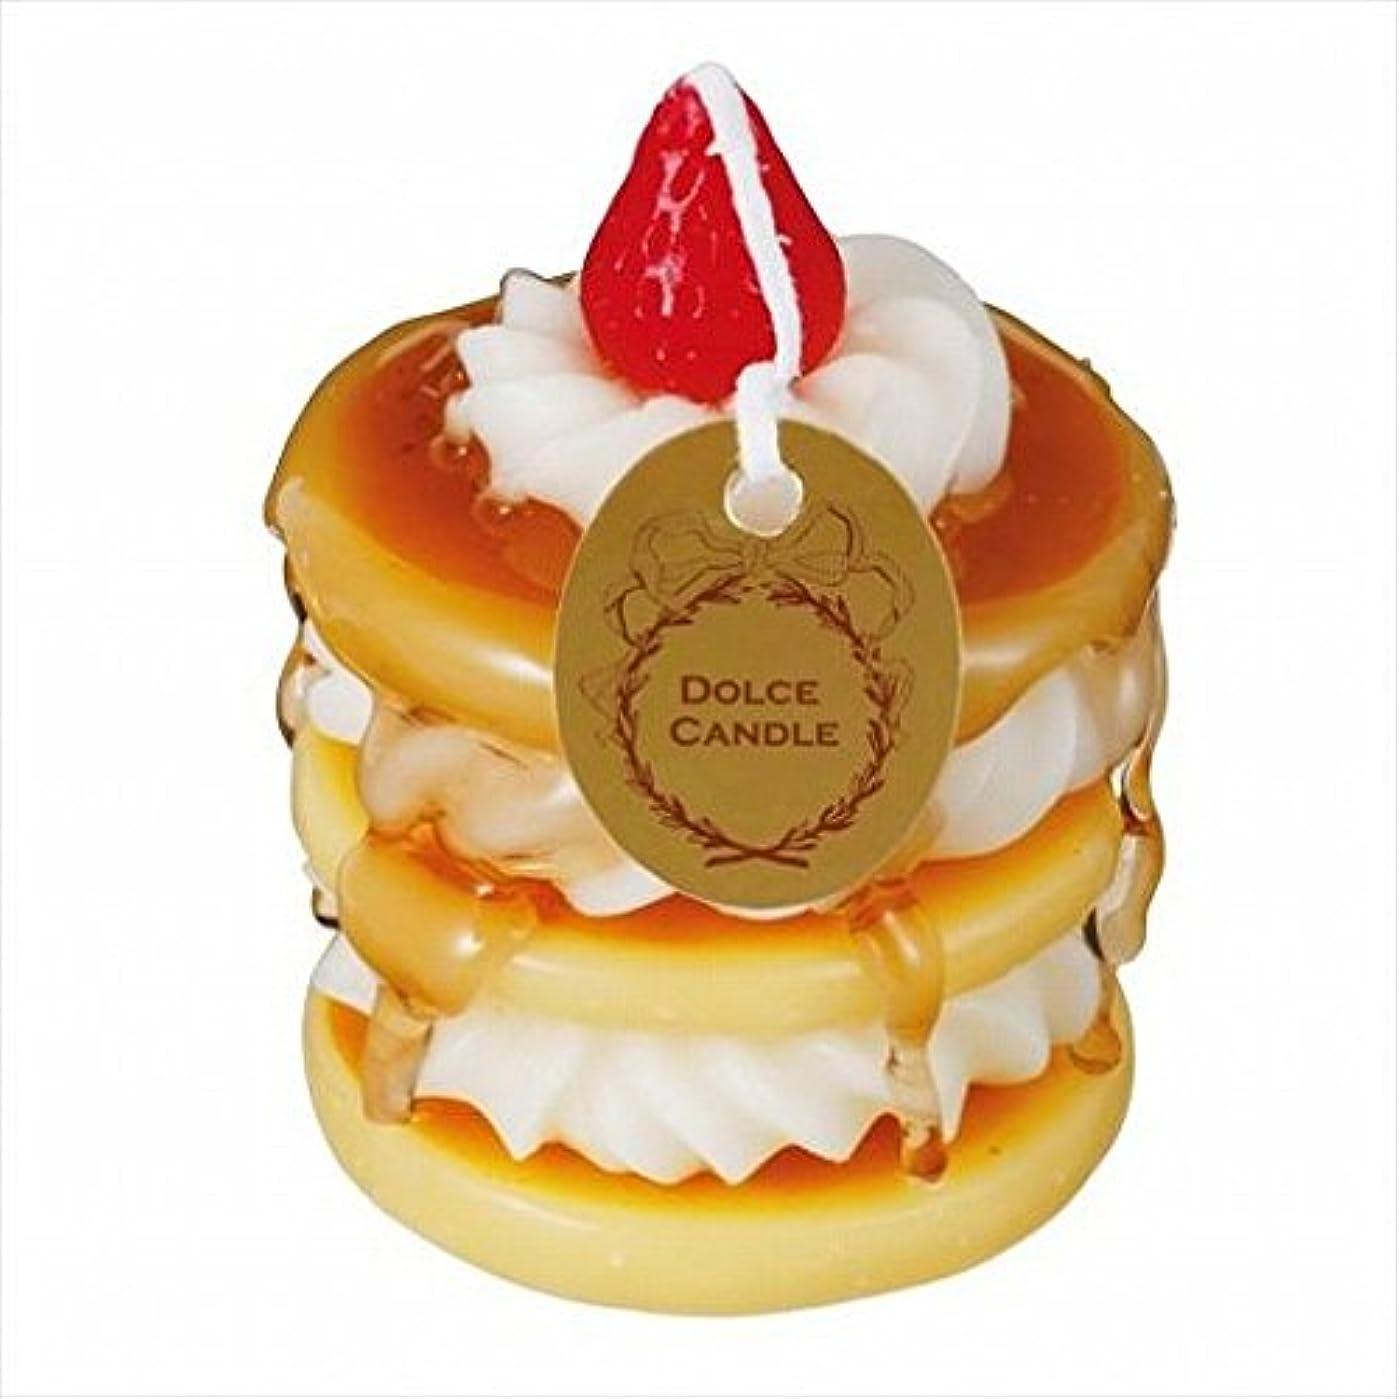 小康きらめくエゴイズムsweets candle(スイーツキャンドル) ドルチェキャンドル 「 パンケーキ 」 キャンドル 56x56x80mm (A4340550)